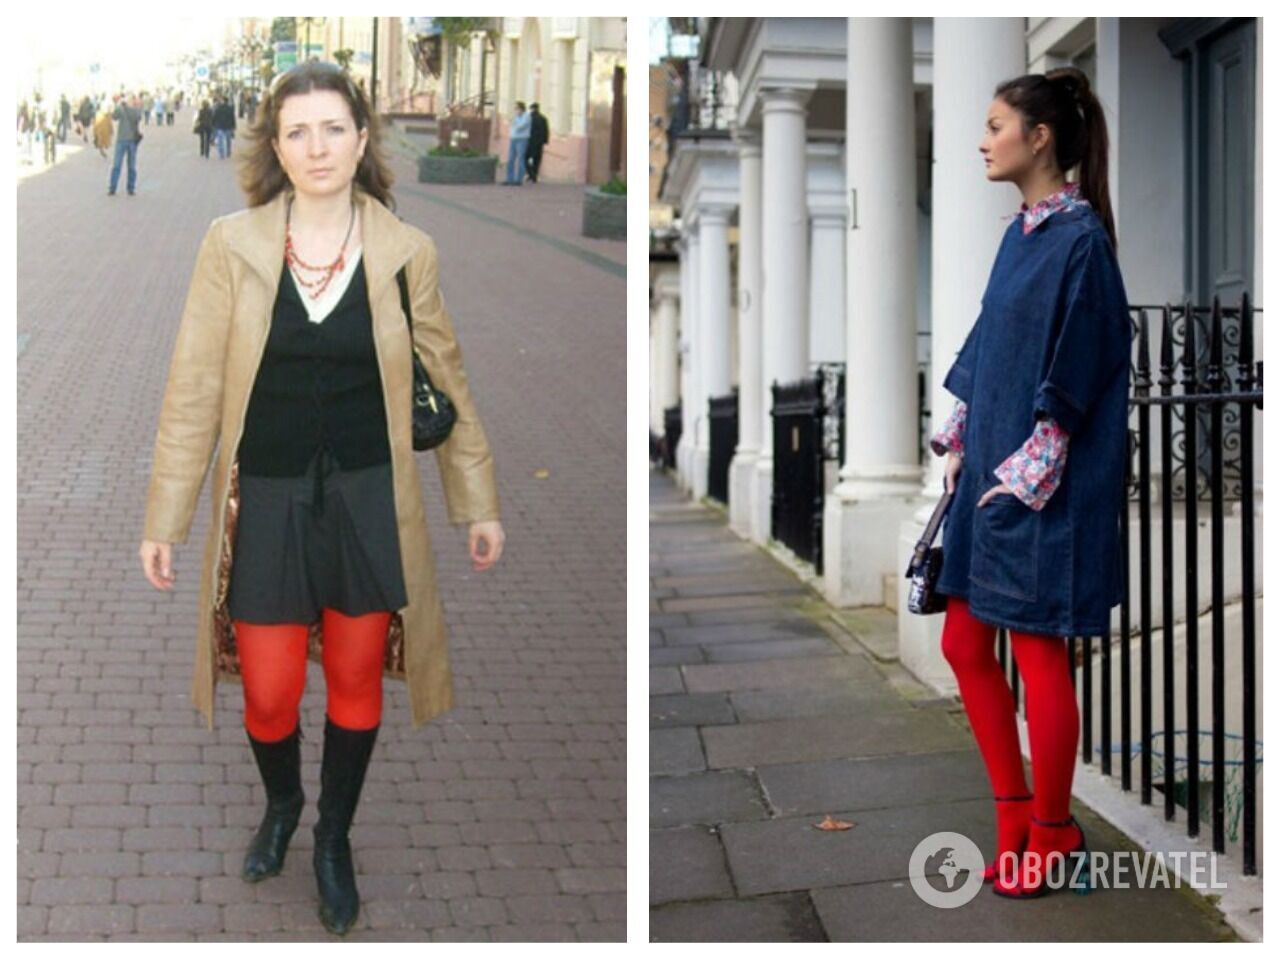 Слева неудачный образ с красными колготками, а справа – удачный